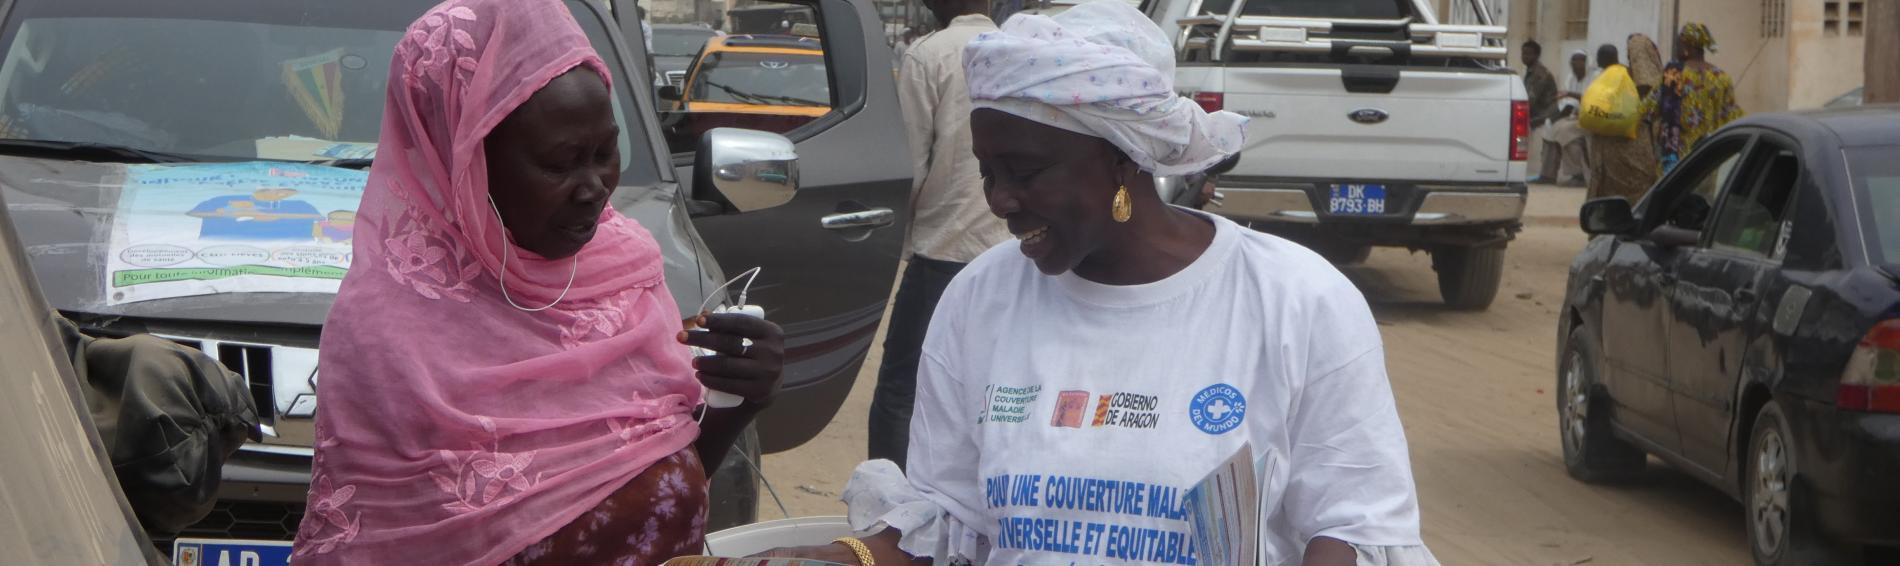 Una mujer reparte información para pedir una cobertura de salud universal e igualitaria en Senegal.